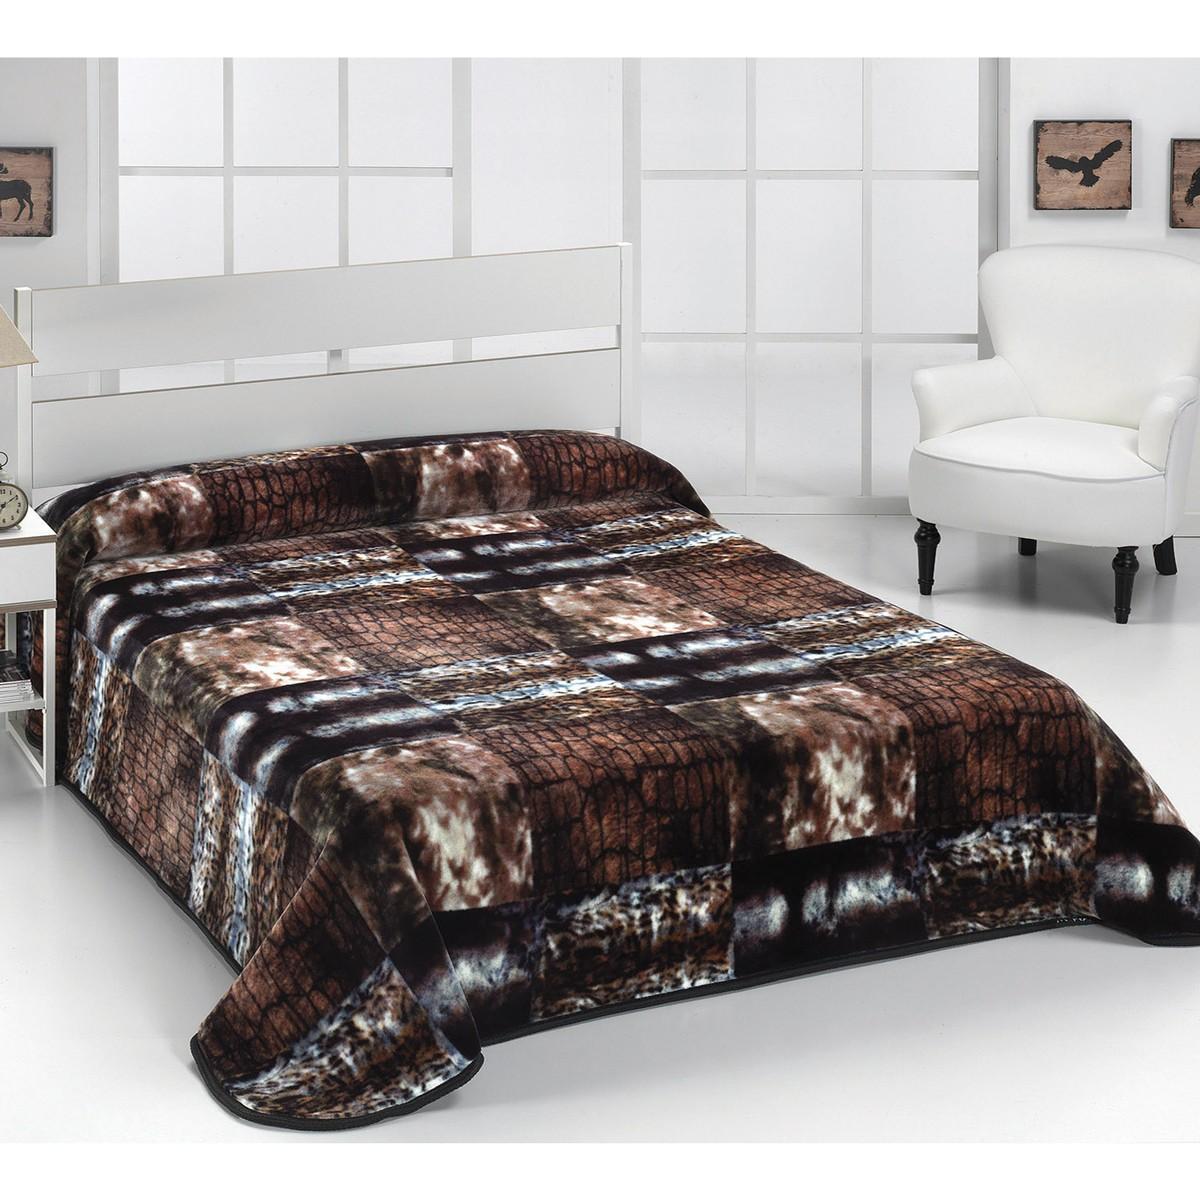 Κουβέρτα Γούνινη Υπέρδιπλη Morven Velour E12 Brown home   κρεβατοκάμαρα   κουβέρτες   κουβέρτες γούνινες   μάλλινες